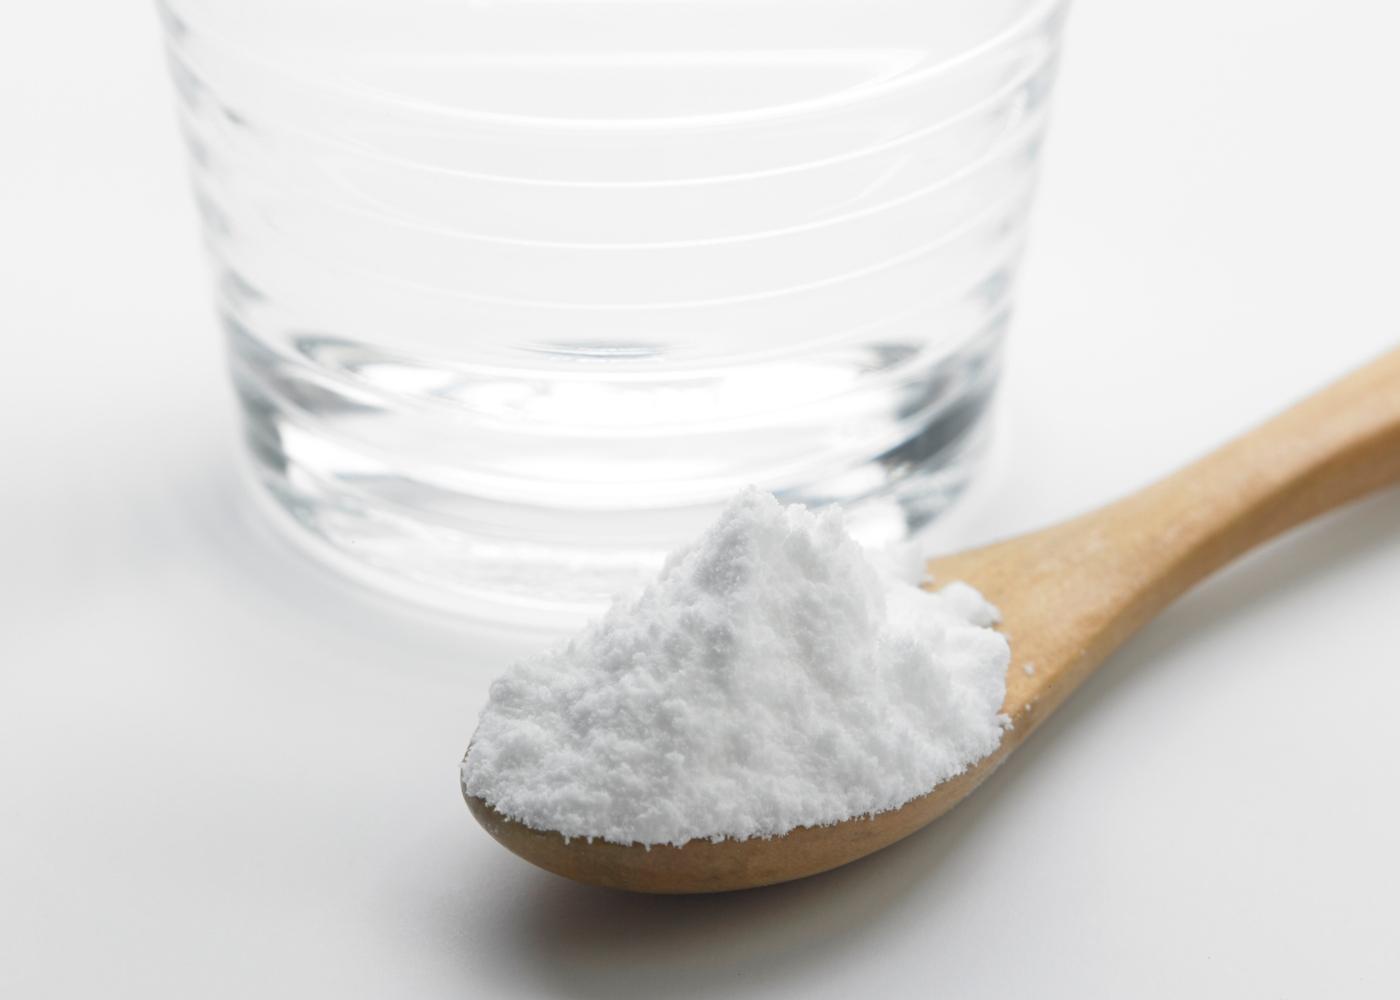 Alimentos podem prevenir a contaminação pela COVID-19: copo de água com sal